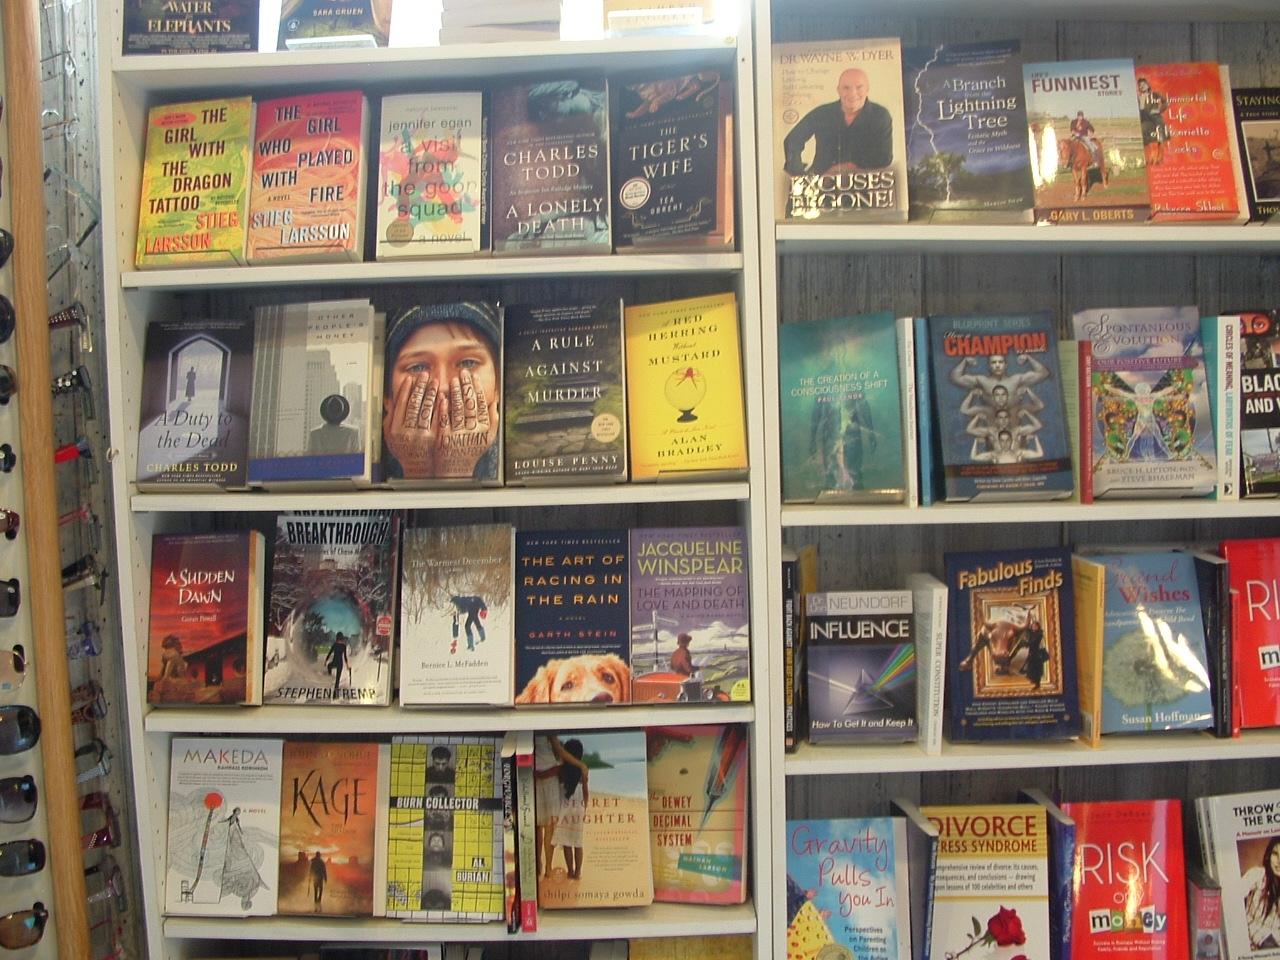 http://3.bp.blogspot.com/-BT3VslYVDjA/Tz_AARosIWI/AAAAAAAACV4/58-TAZq1Qx4/s1600/bookstore%2Bshelf.JPG